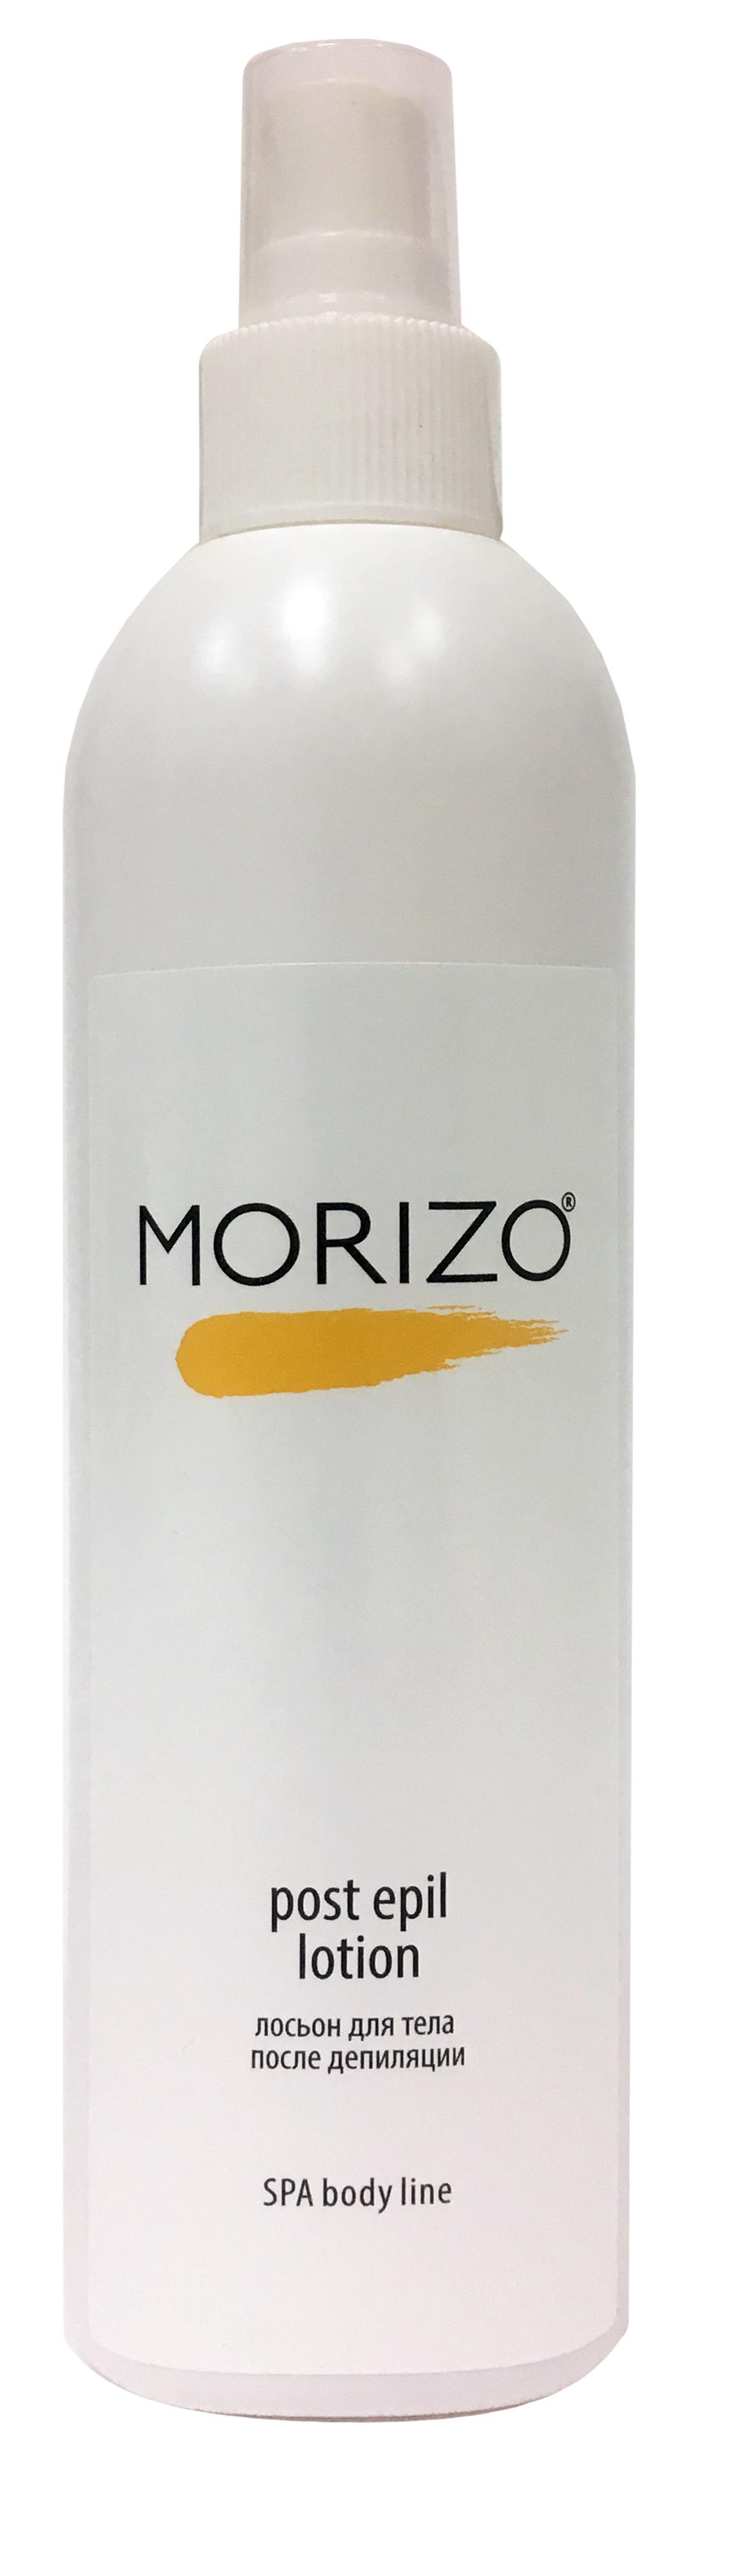 Morizo Лосьон для тела после депиляции, 300 млБ33041_шампунь-барбарис и липа, скраб -черная смородинаЛосьон для тела с активными натуральными компонентами предназначен для очищения кожи и удаления остатков воска и пасты после депиляции. Экстракт ромашки аптечной и аллантоин, входящие в состав, успокаивают и снимают раздражение, восстанавливают, способствуют ускорению регенерации даже самой чувствительной кожи. Лосьон легко наносится и быстро впитывается благодаря специальному составу и легкой текстуре, дарит ощущение продолжительной гладкости, шелковистости и комфорта.